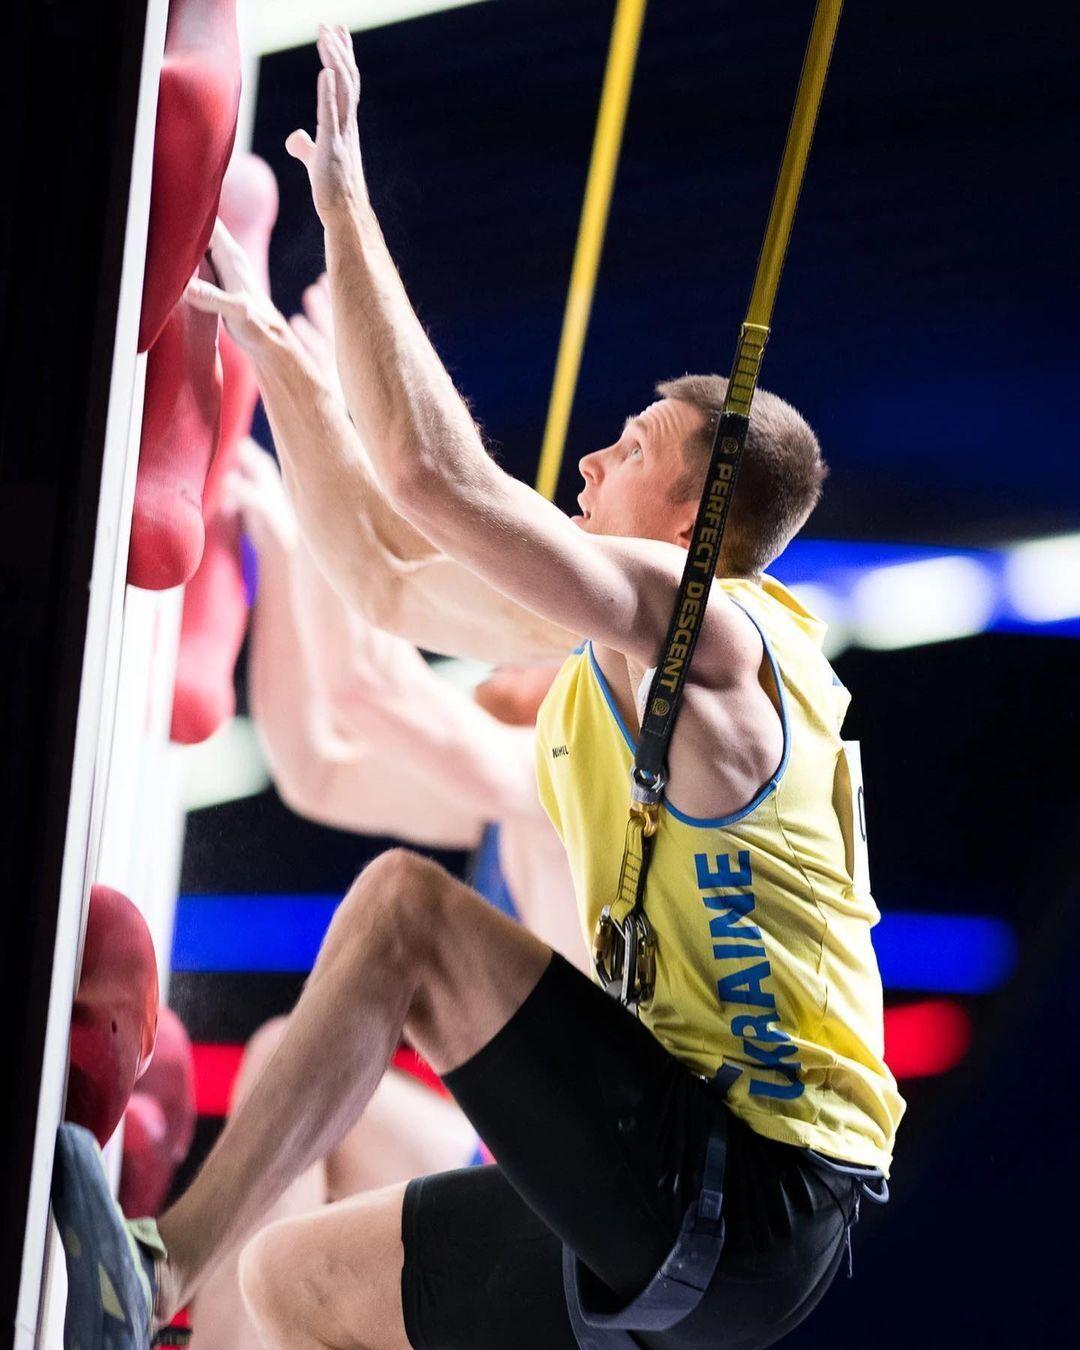 Даниил Болдырев трижды устанавливал мировой рекорд